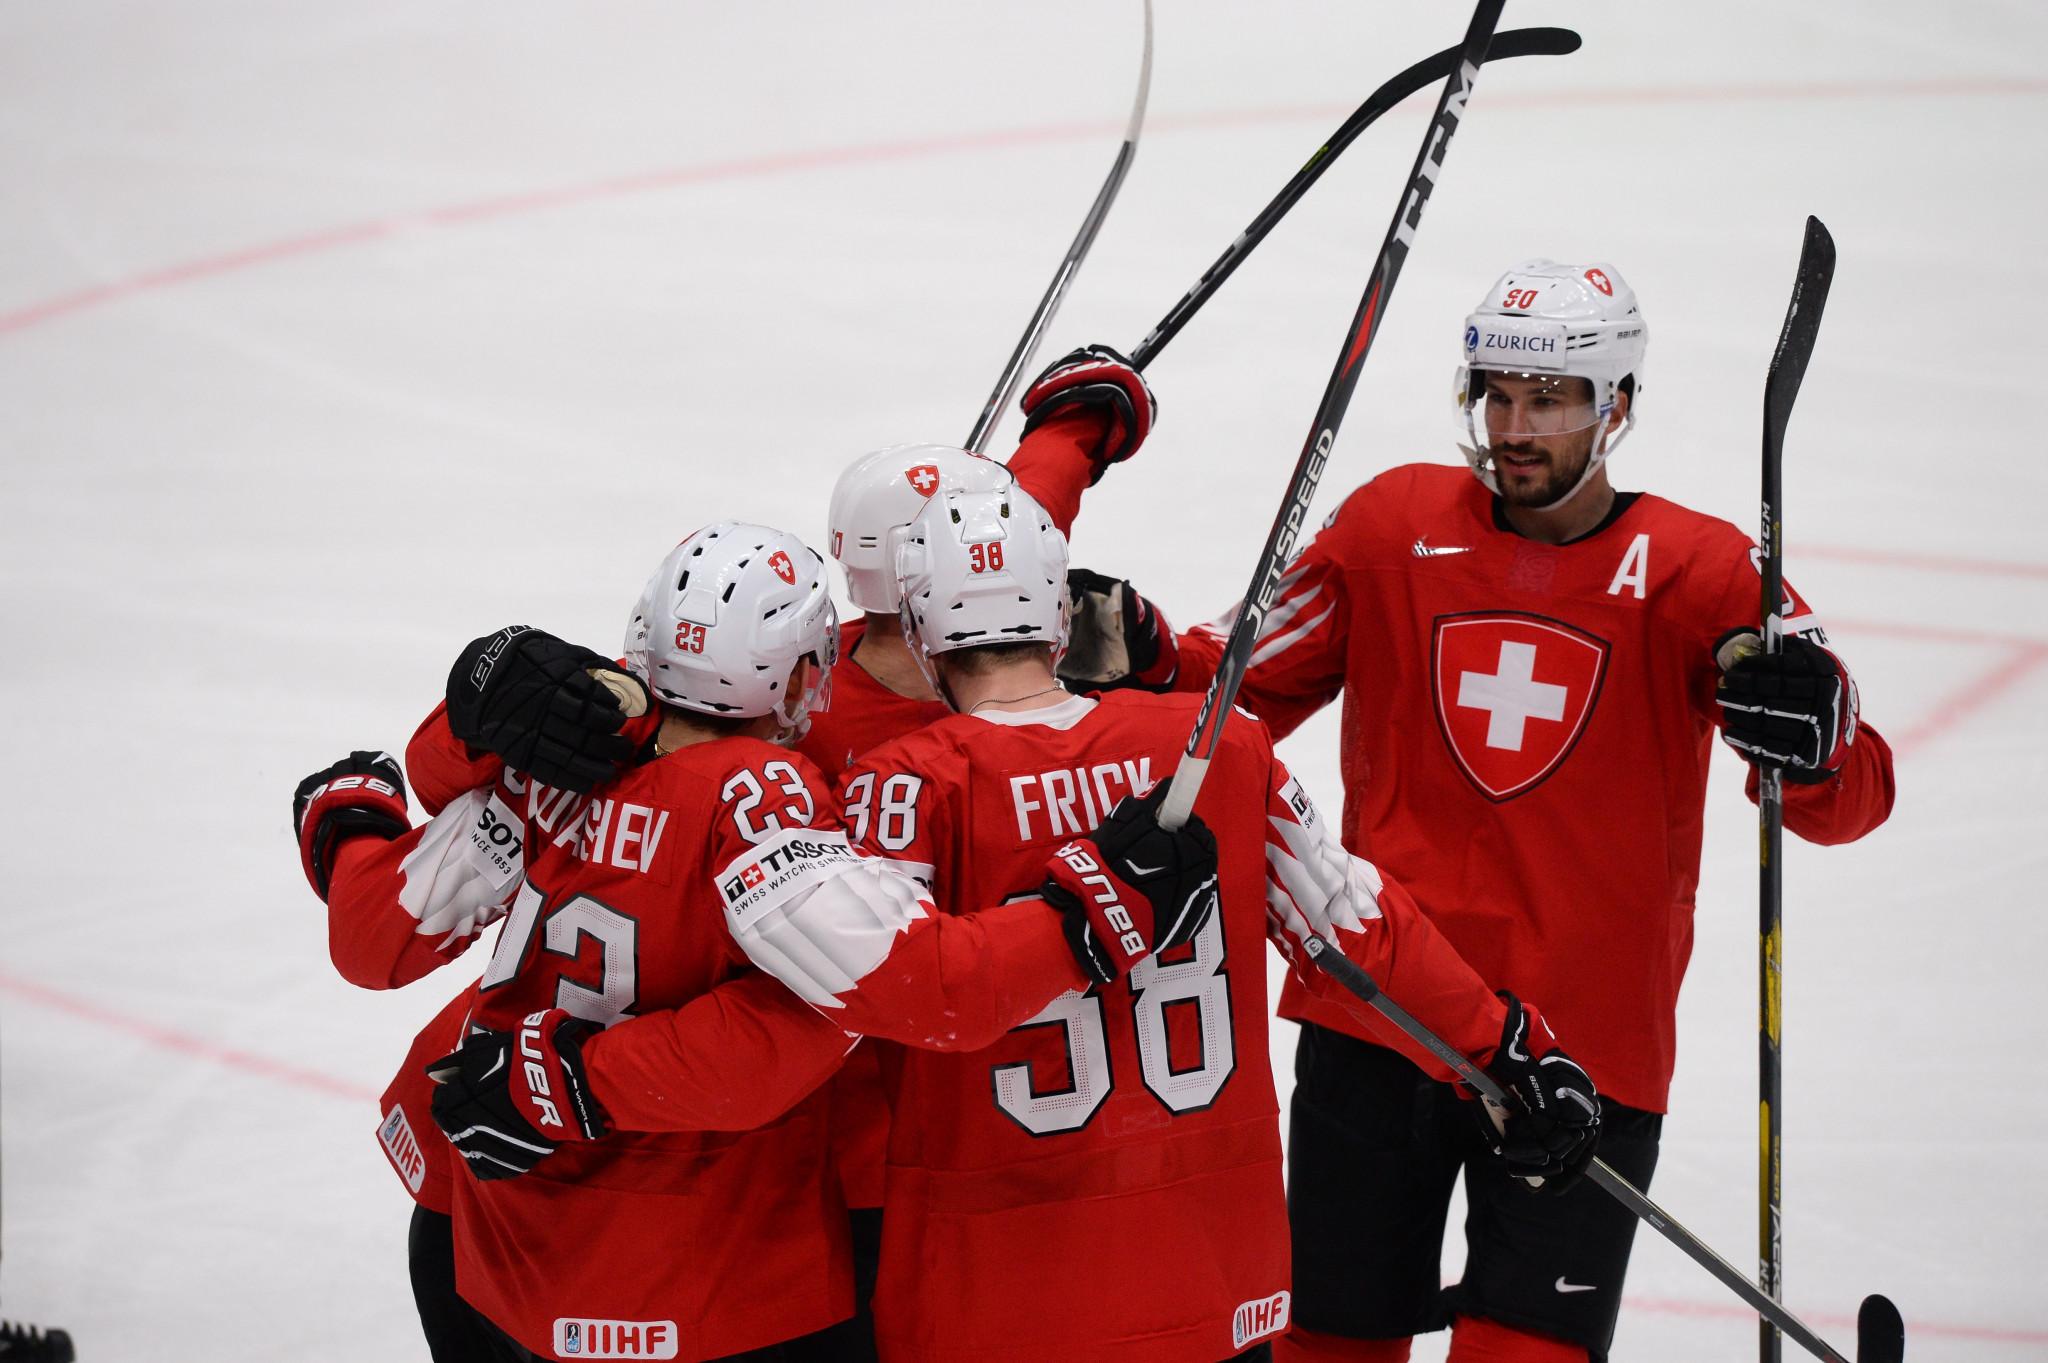 Beide Schweizer Teams haben sich bereits für Peking 2022 © Getty Images qualifiziert